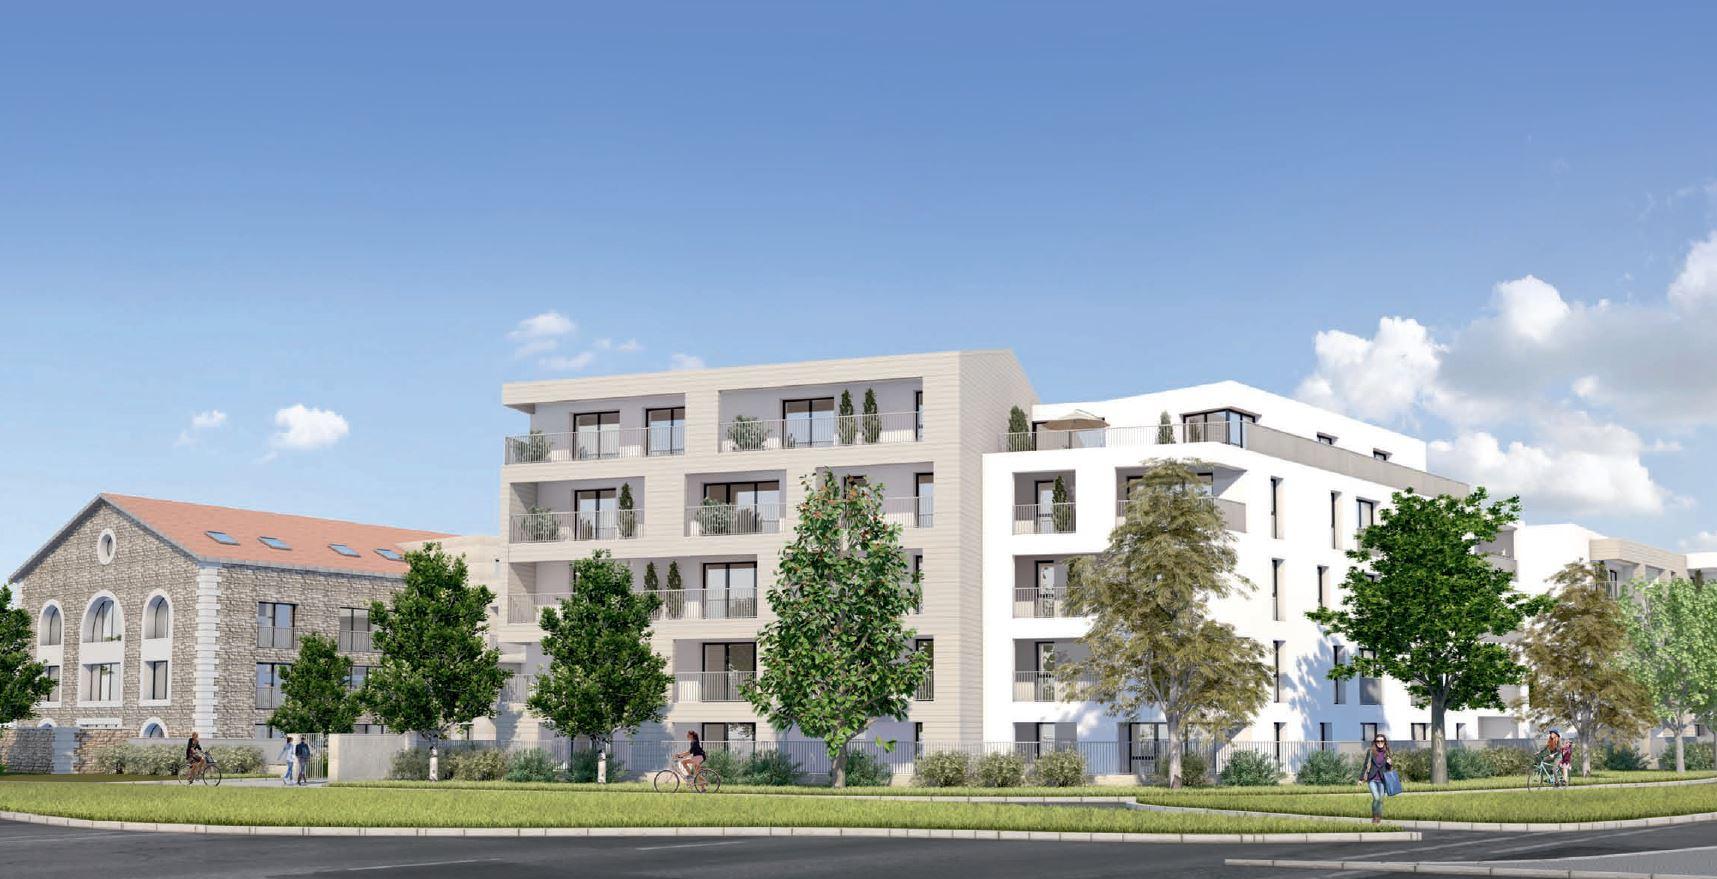 Façade de l'ensemble Immobilier neuf sur La Rochelle